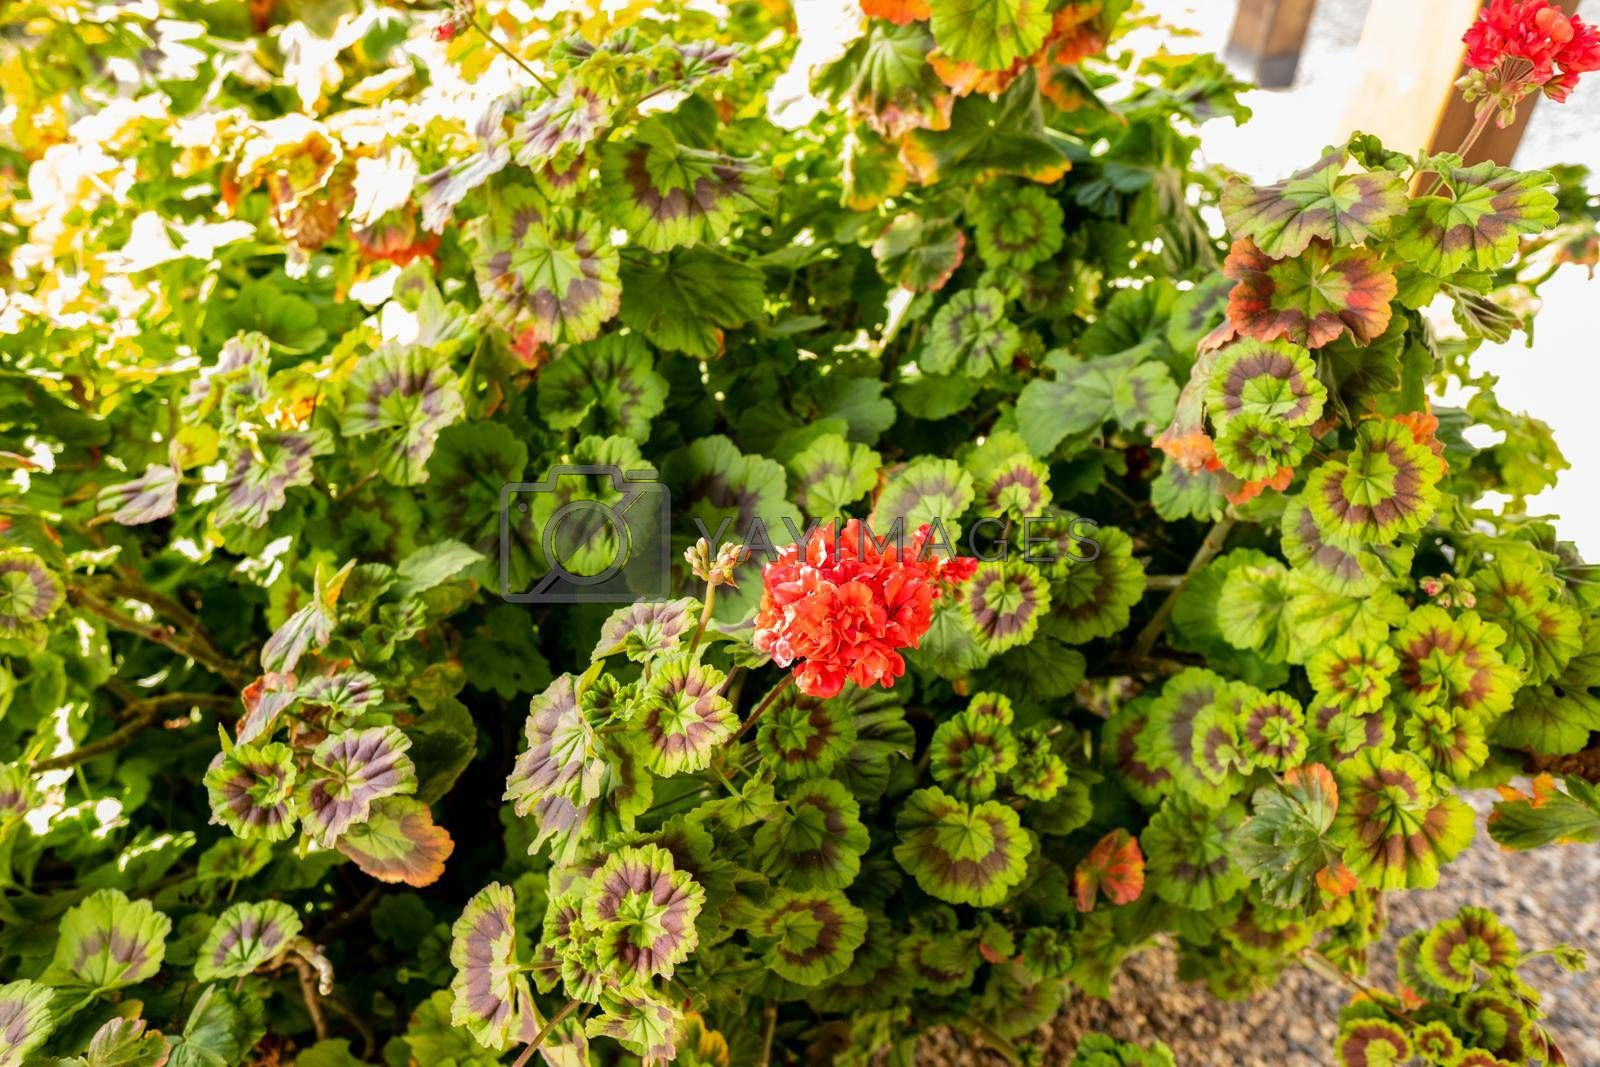 red genus of flowering plants in Izmir city of Turkey